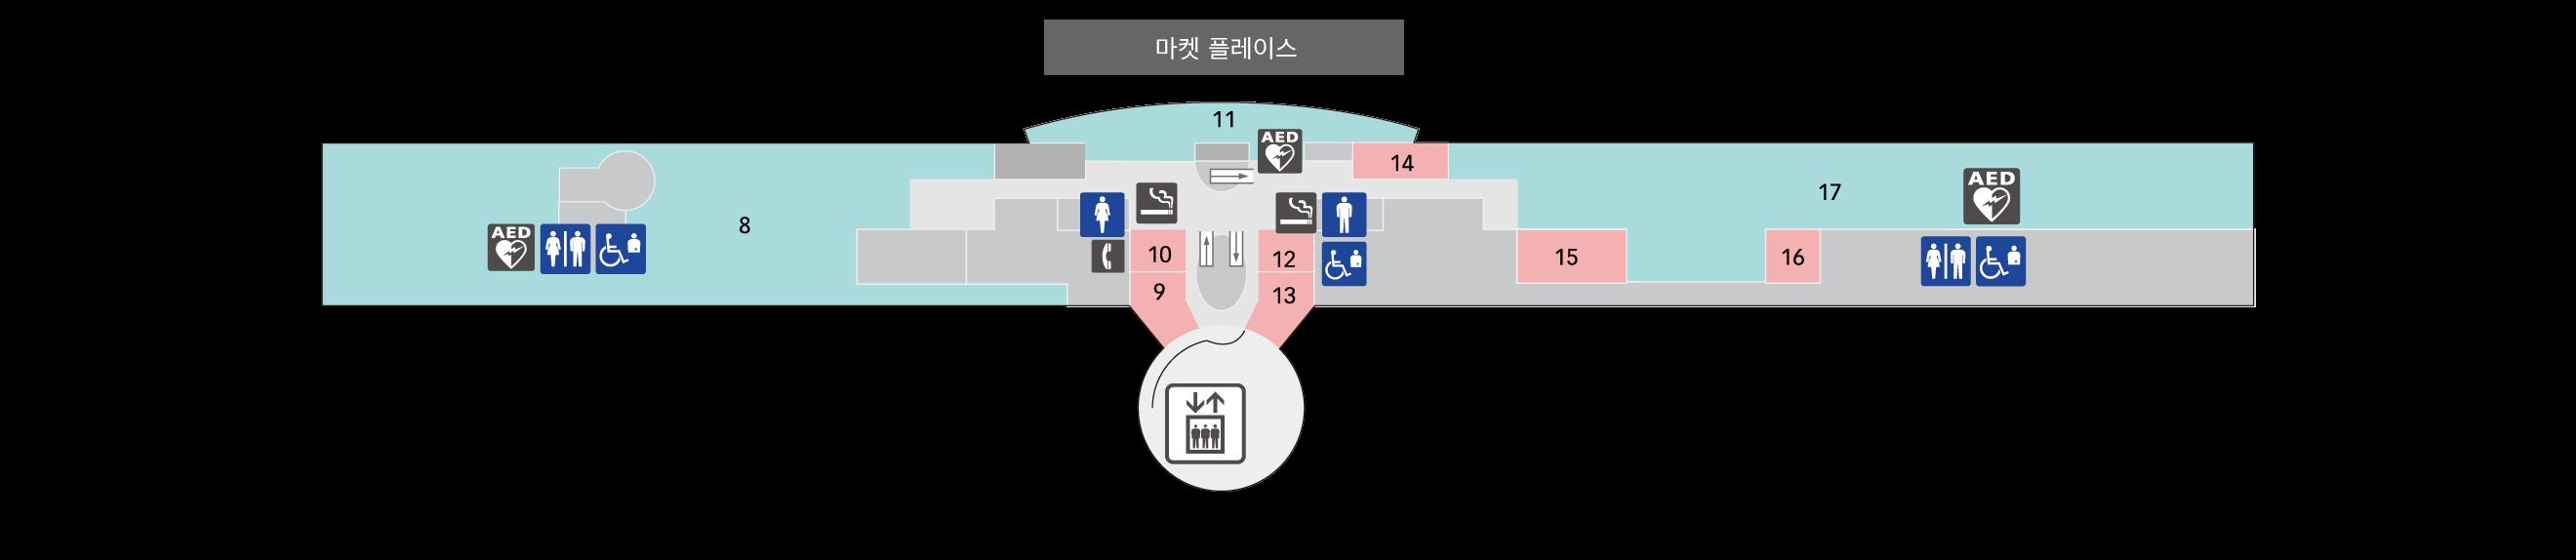 5F 레스토랑 ·전망 데크 플로어 맵